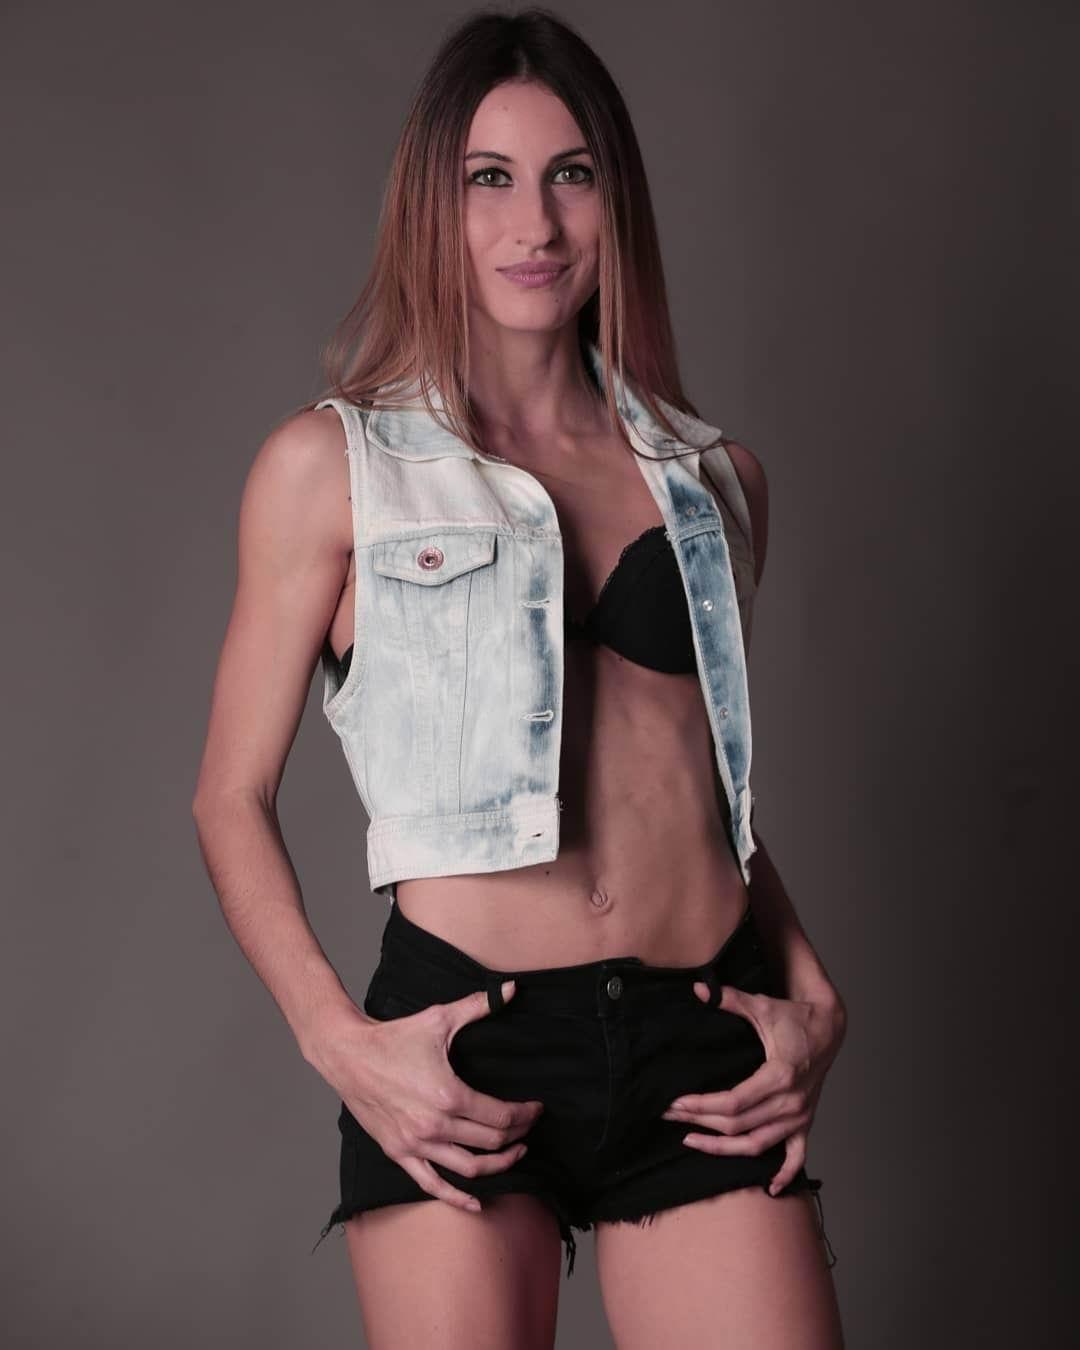 Model Leona